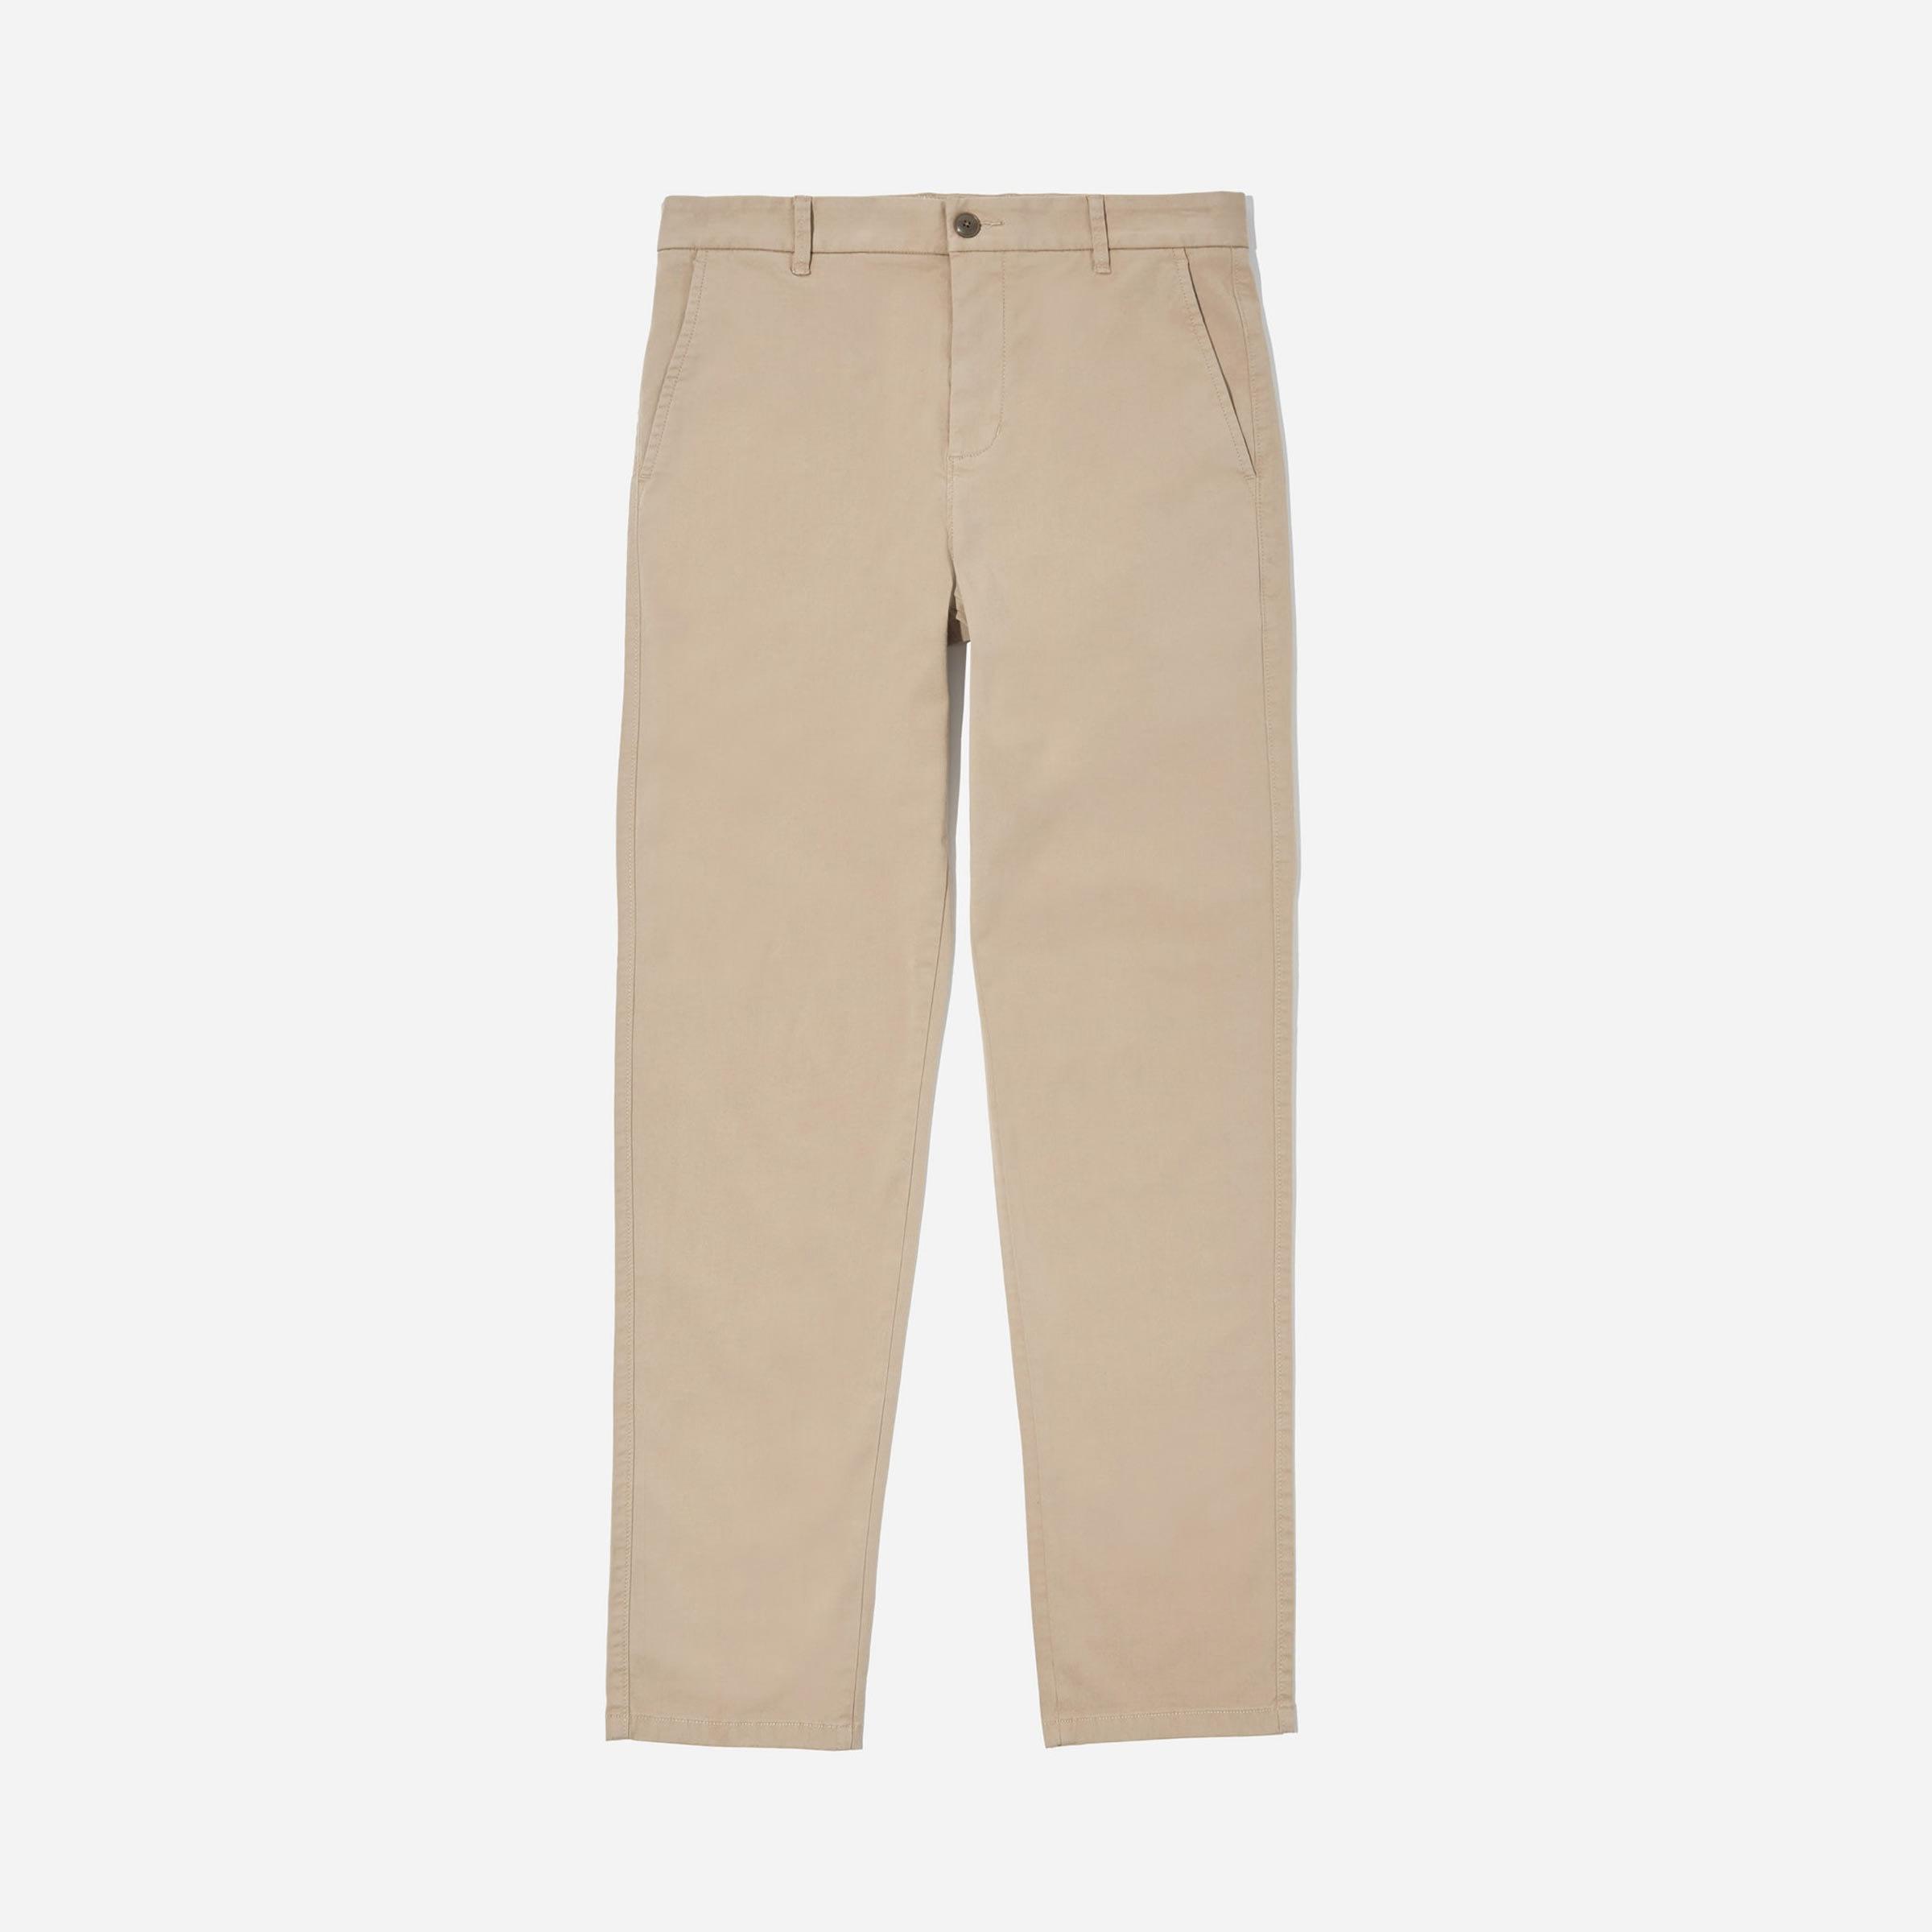 men s khaki pants everlane